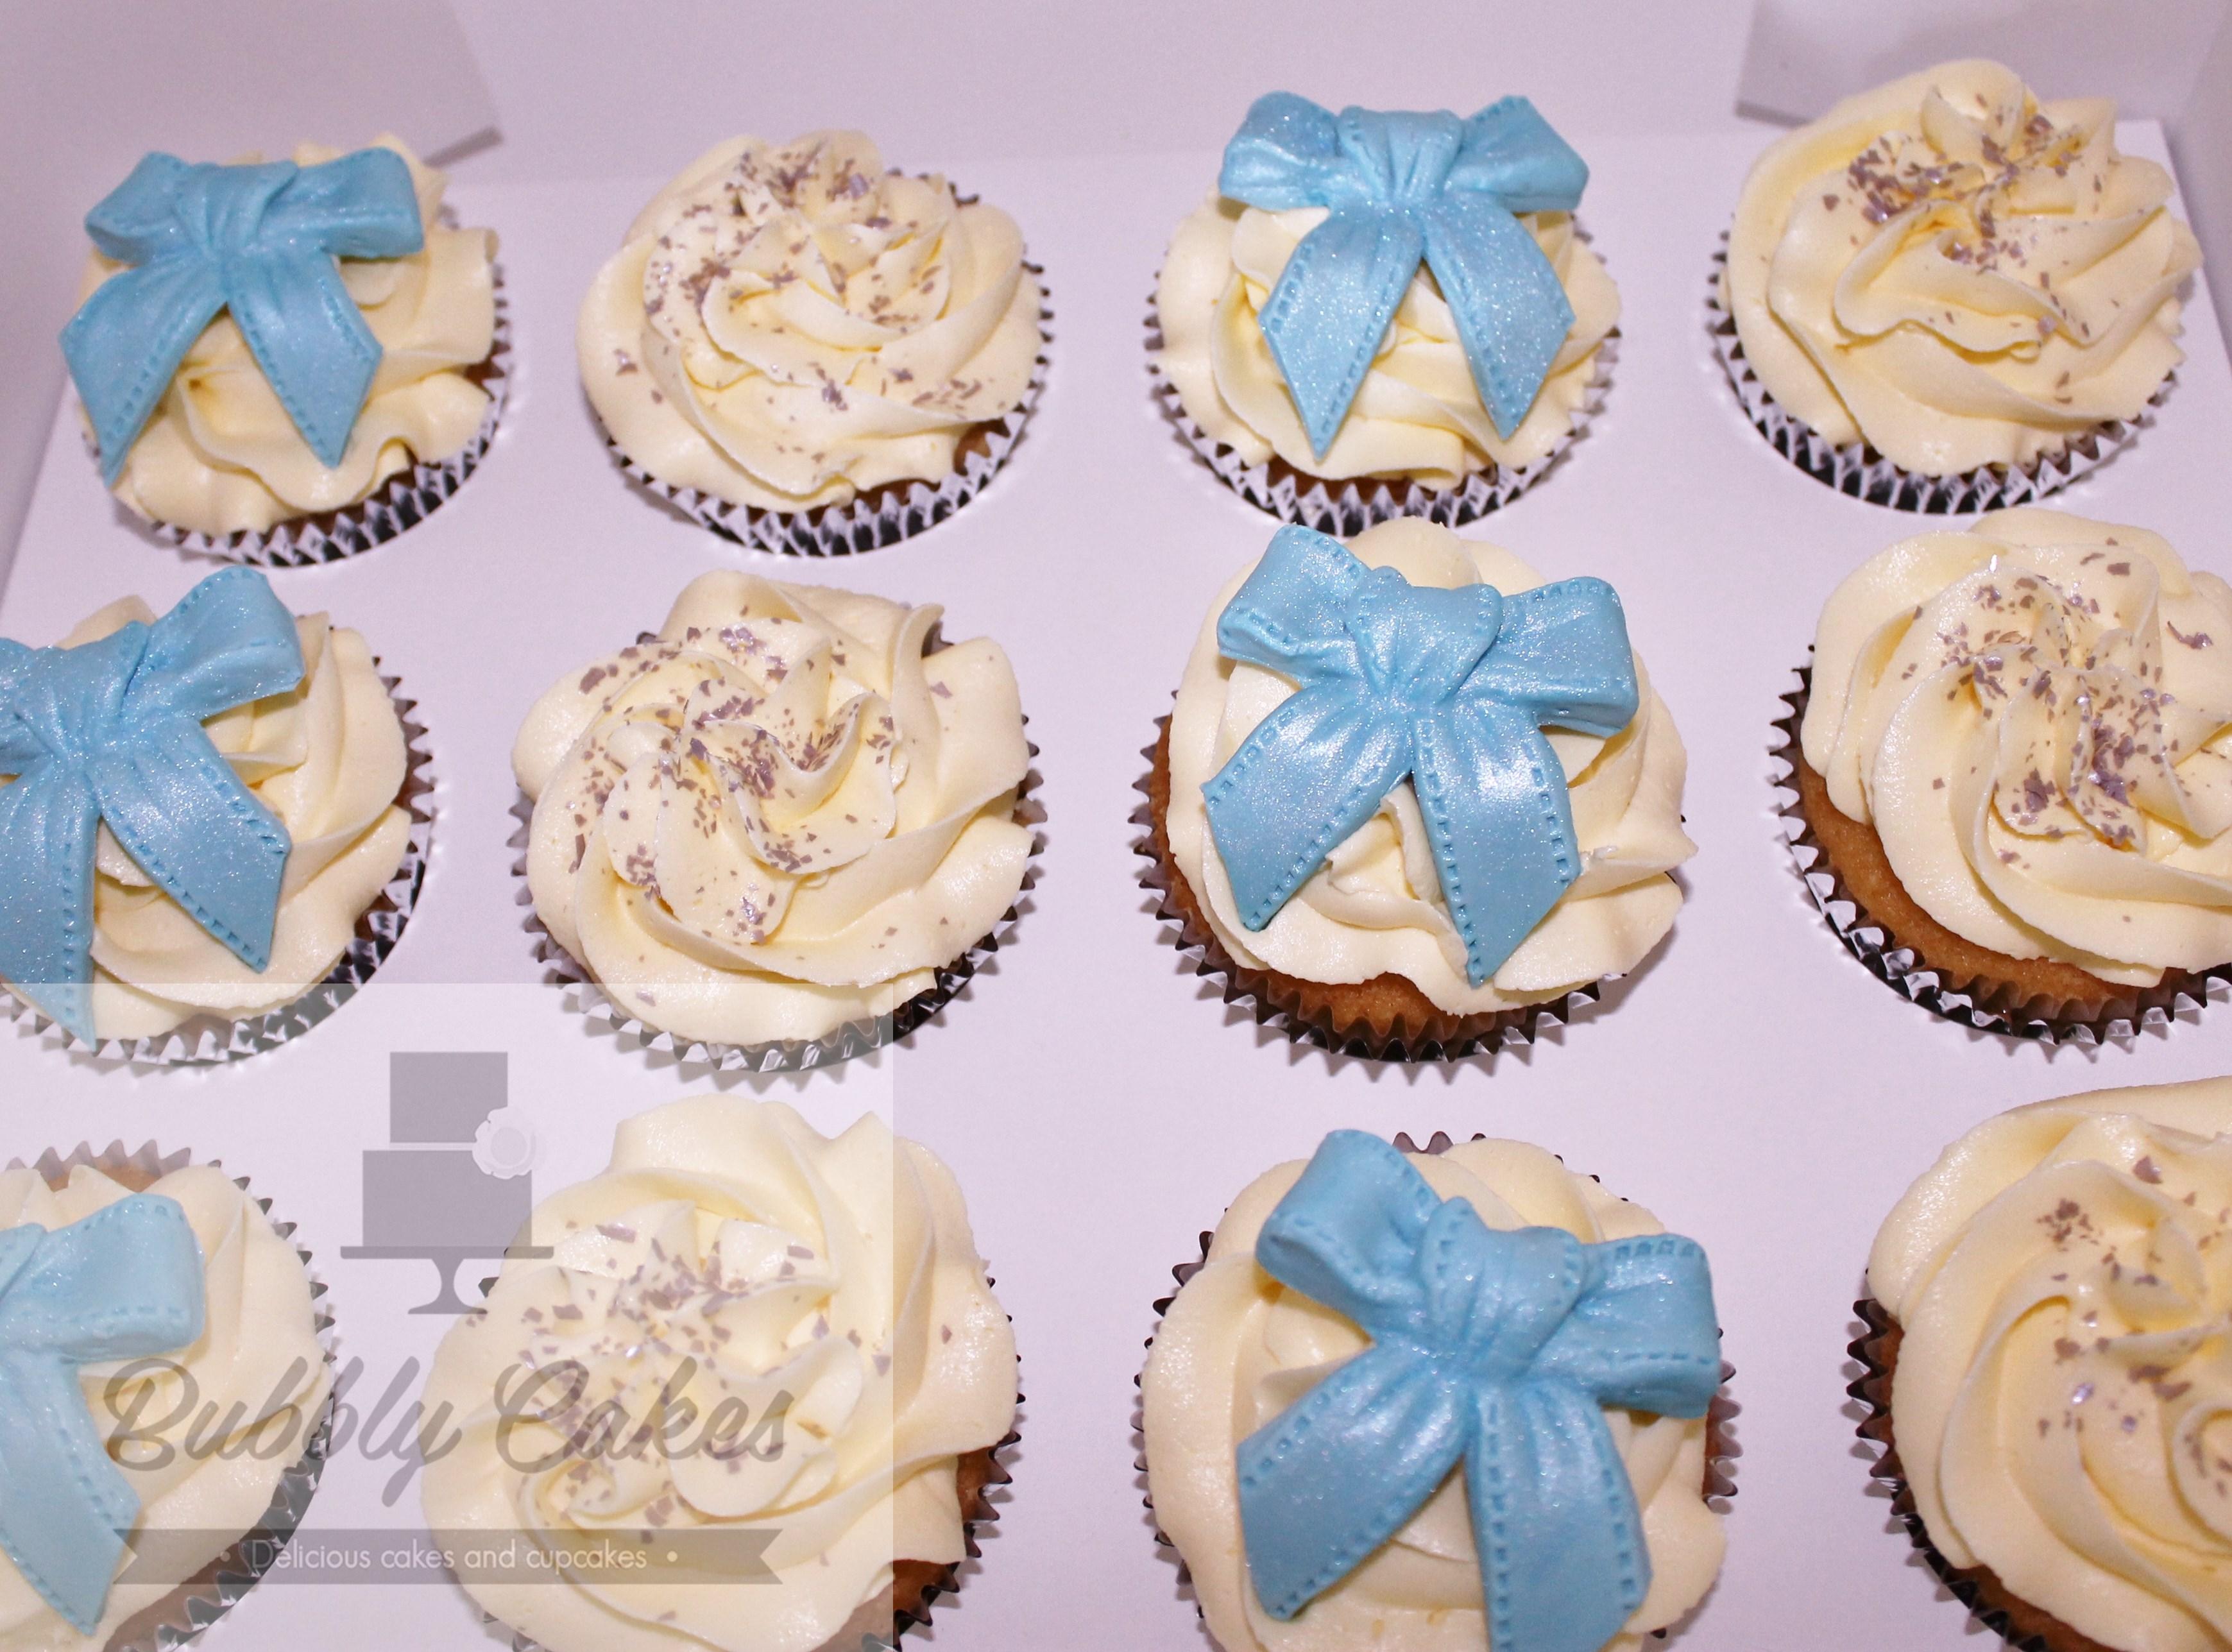 Burlesque Theme Cupcakes